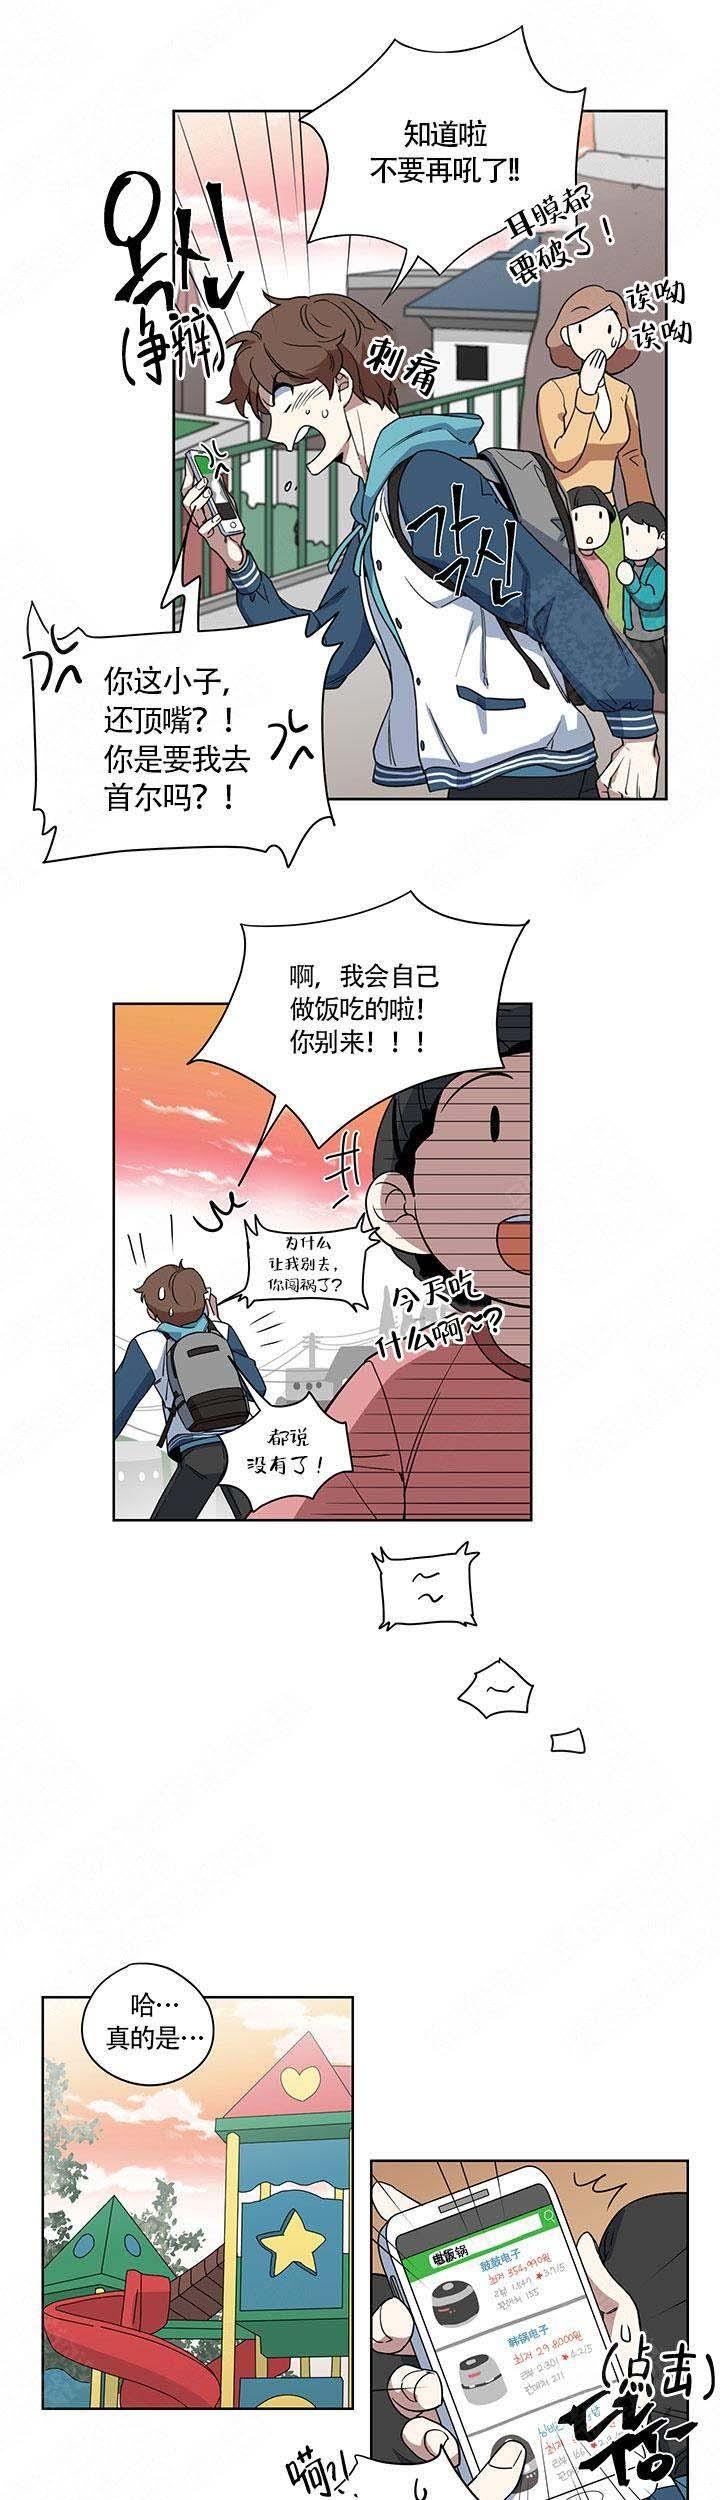 请帮我加热-BL漫画完整版汉化_全集在线阅读连载首发-啵乐漫画